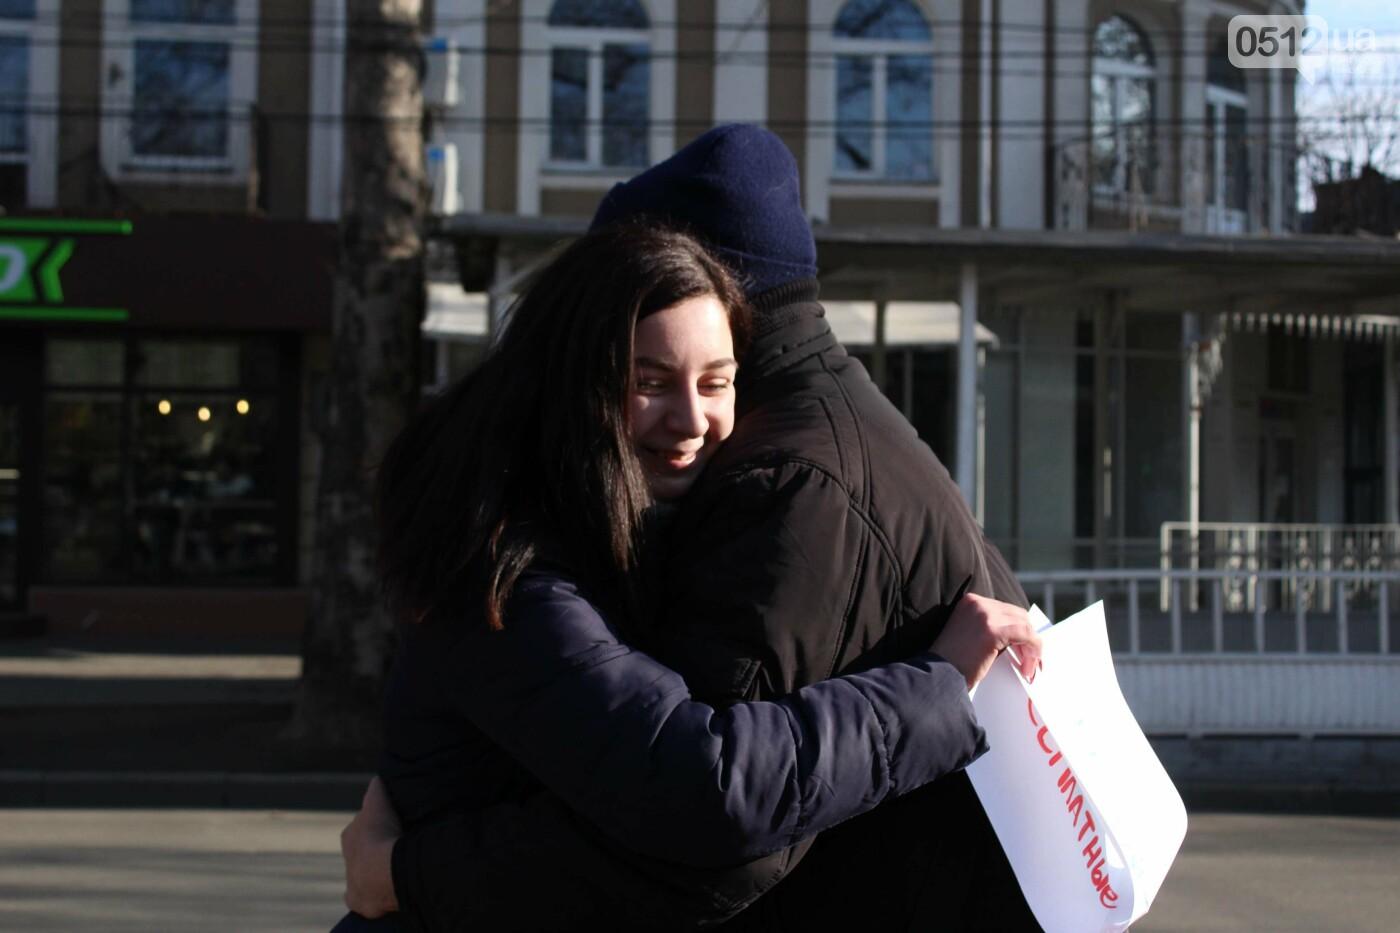 Всемирный день объятий: николаевские журналисты решили порадовать случайных прохожих, - ФОТО, фото-8